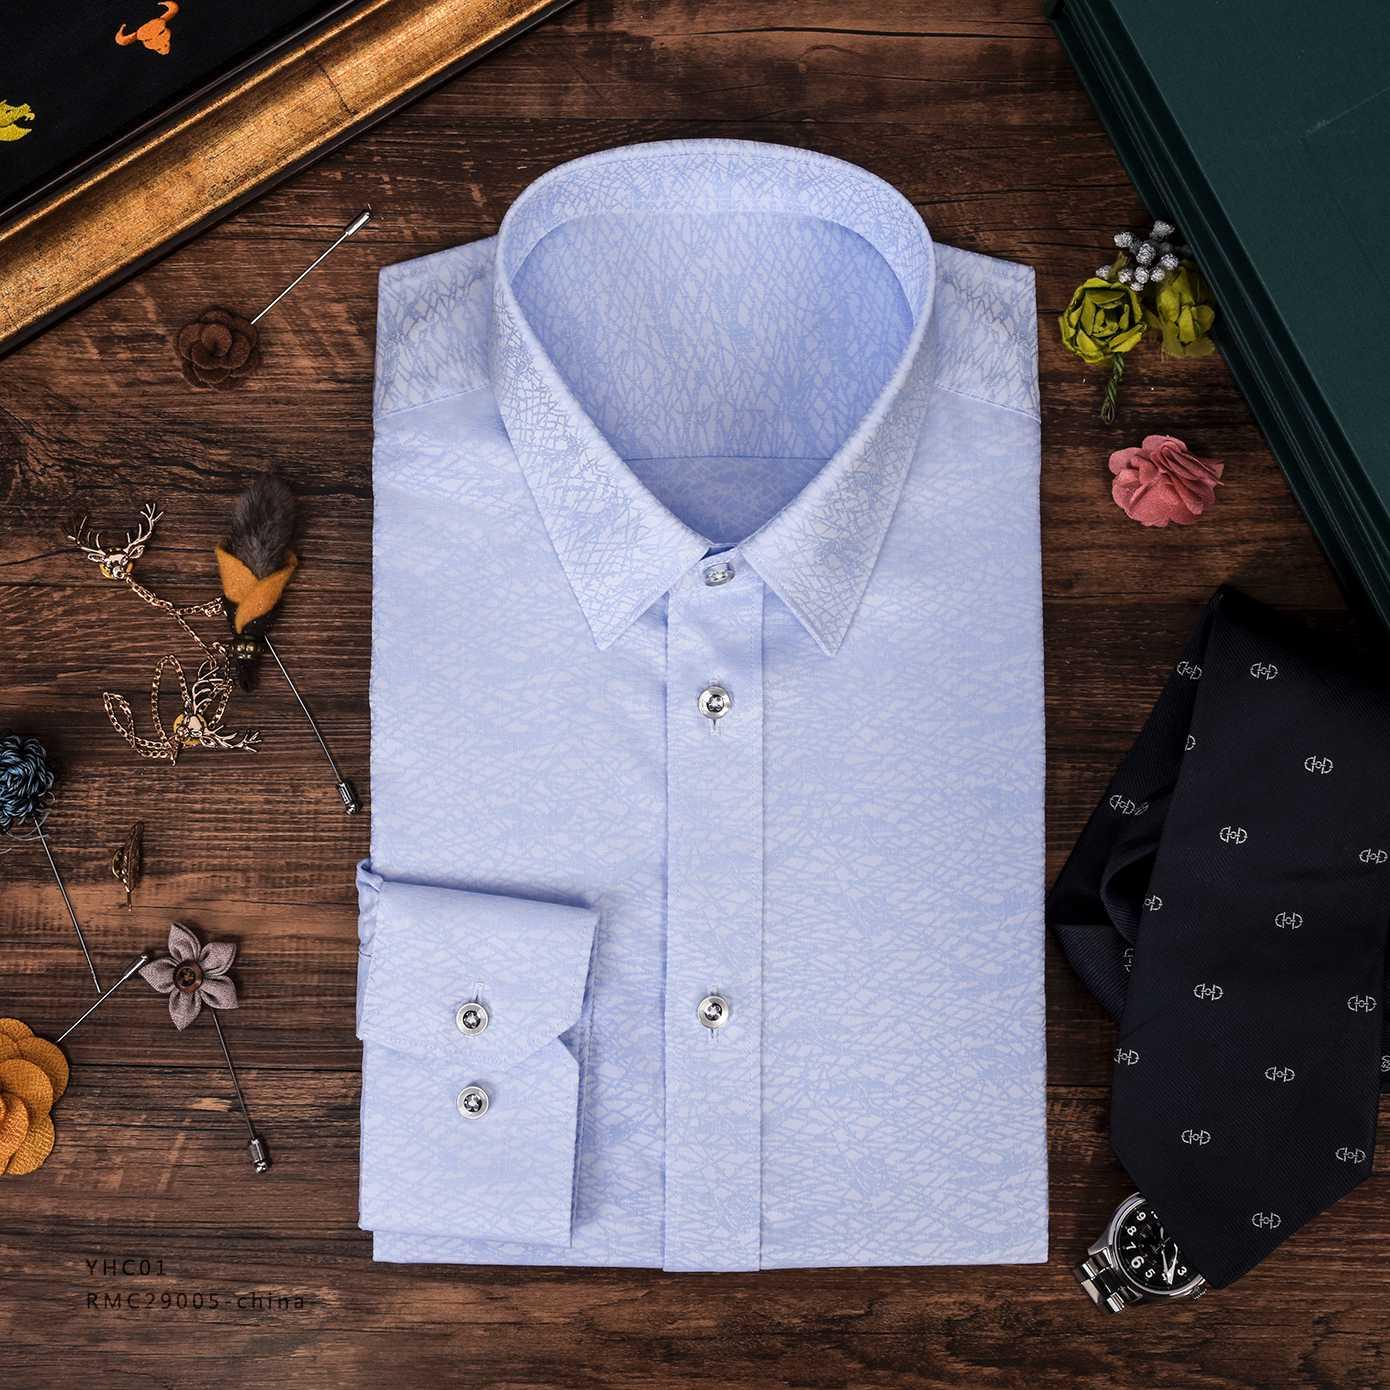 网纹淡兰衬衫